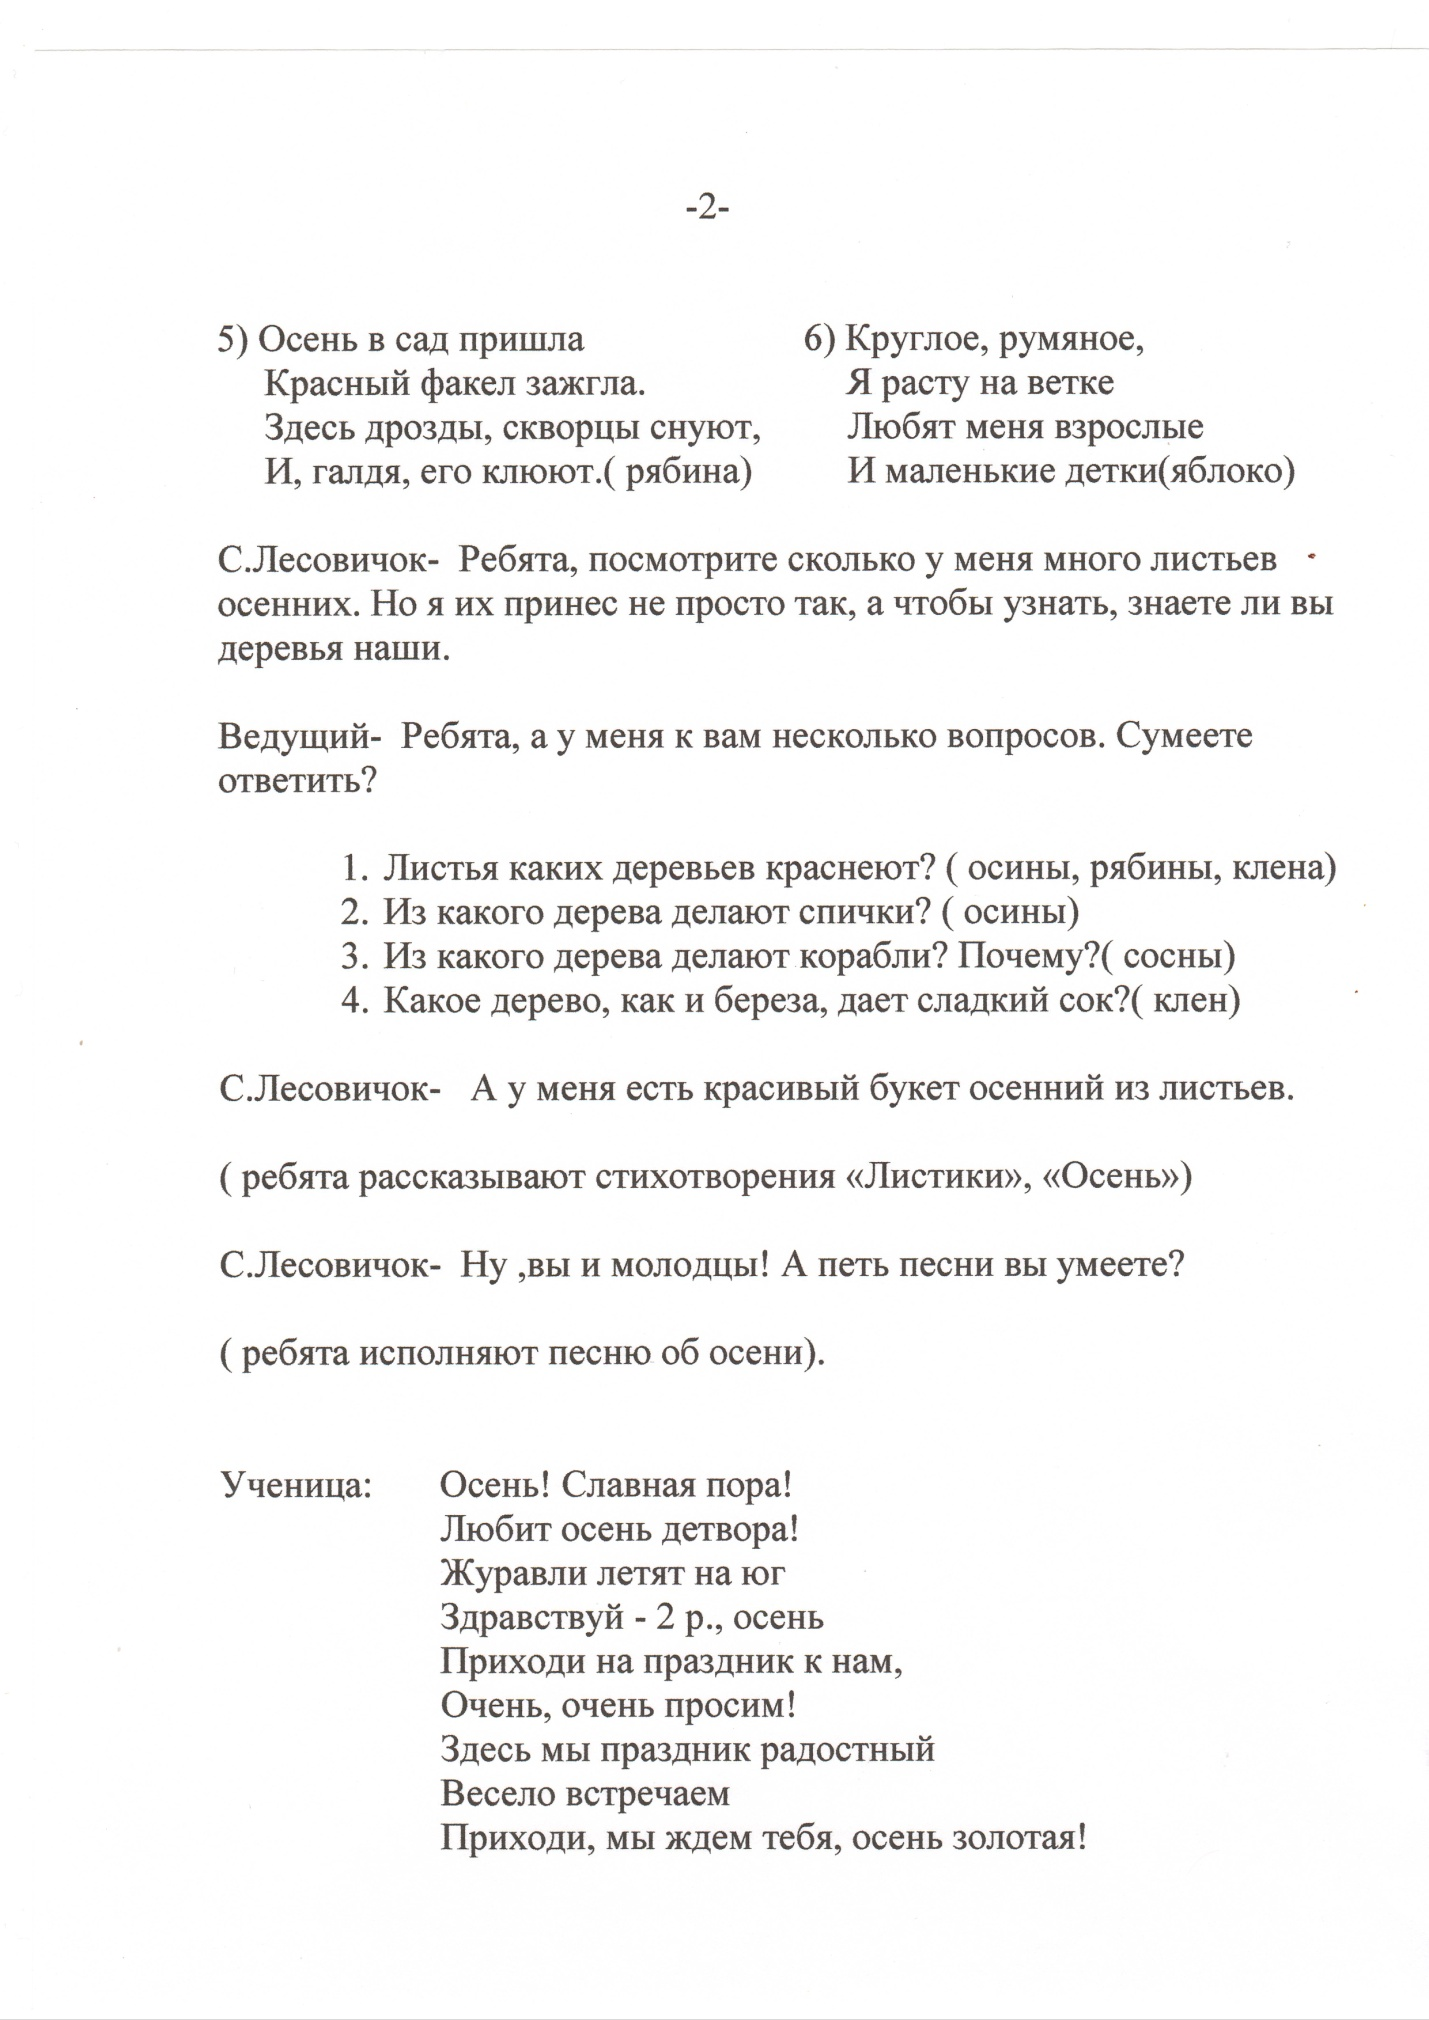 D:\Фото\ОСЕНЬ ПРАЗДНИК\Новая папка\020002.JPG